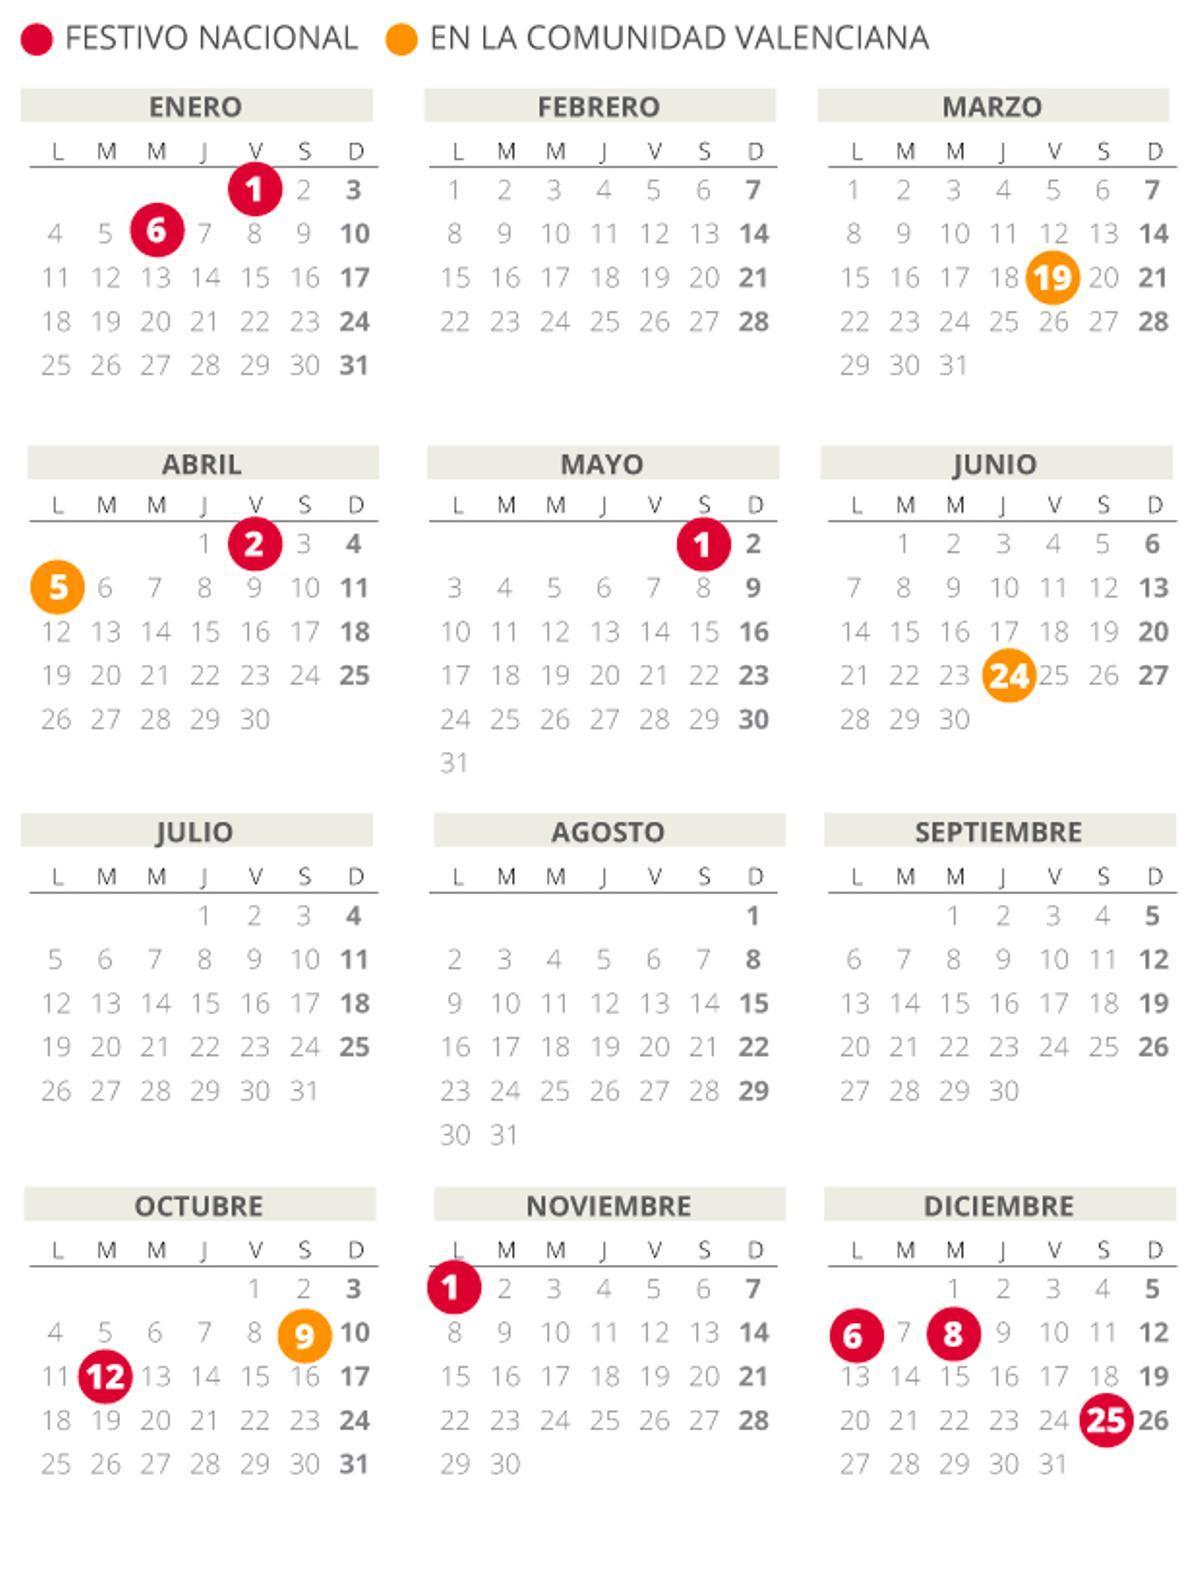 Calendario laboral de la Comunidad Valenciana del 2021.